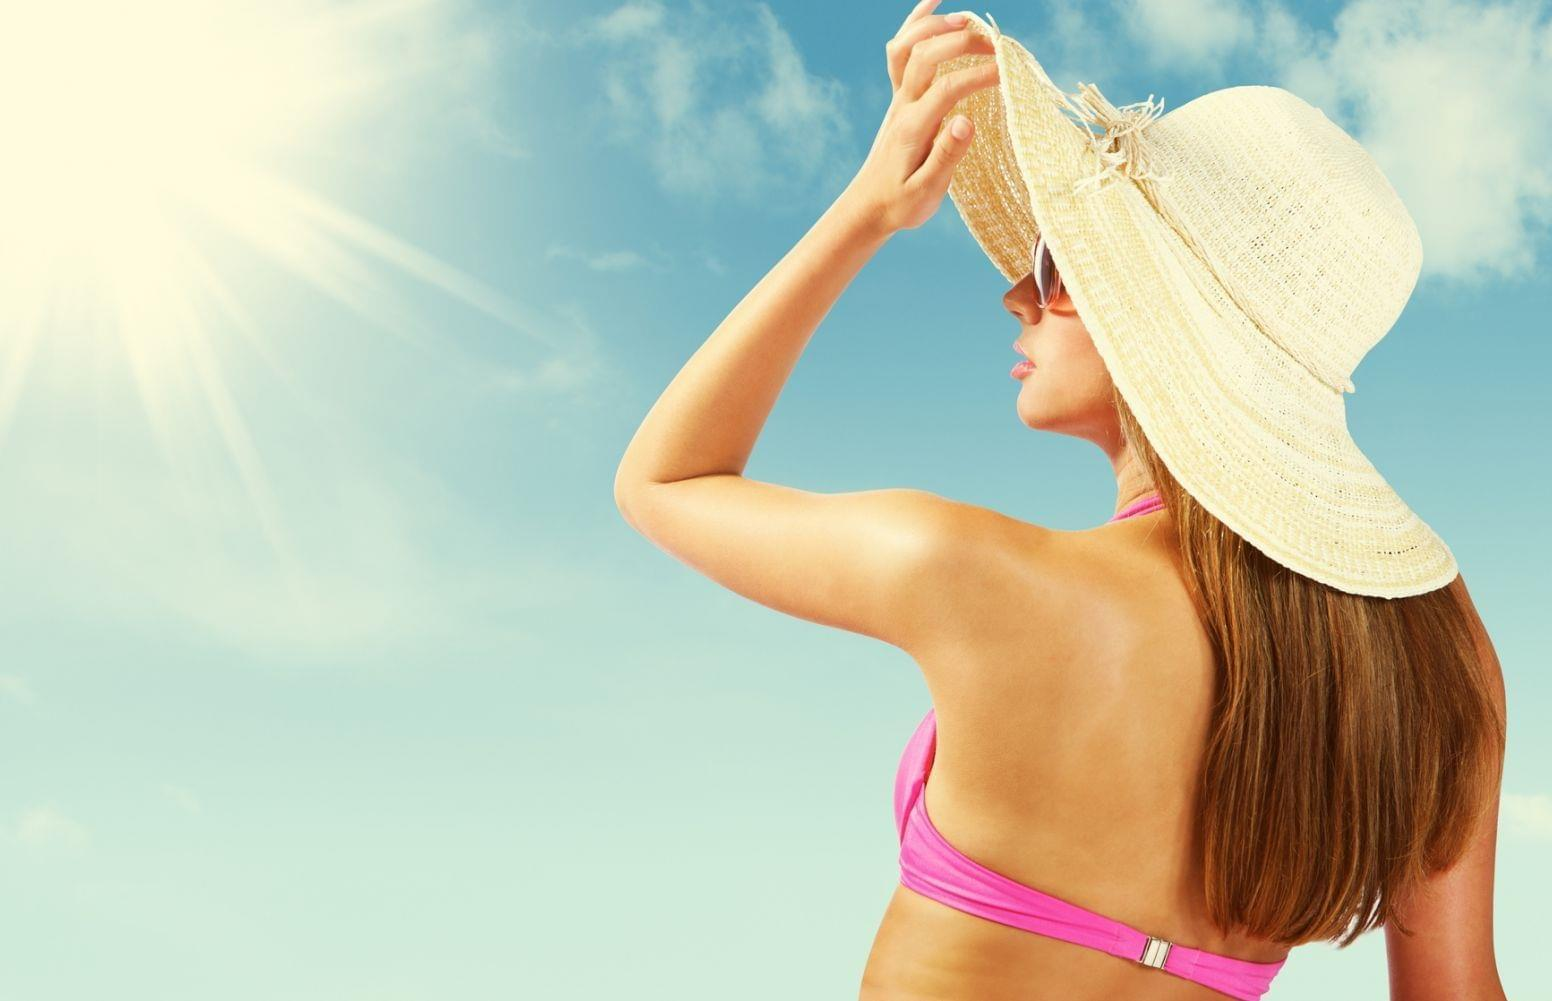 Новини - Рак шкіри або гарну засмагу. Думайте самі | Фонд Інна